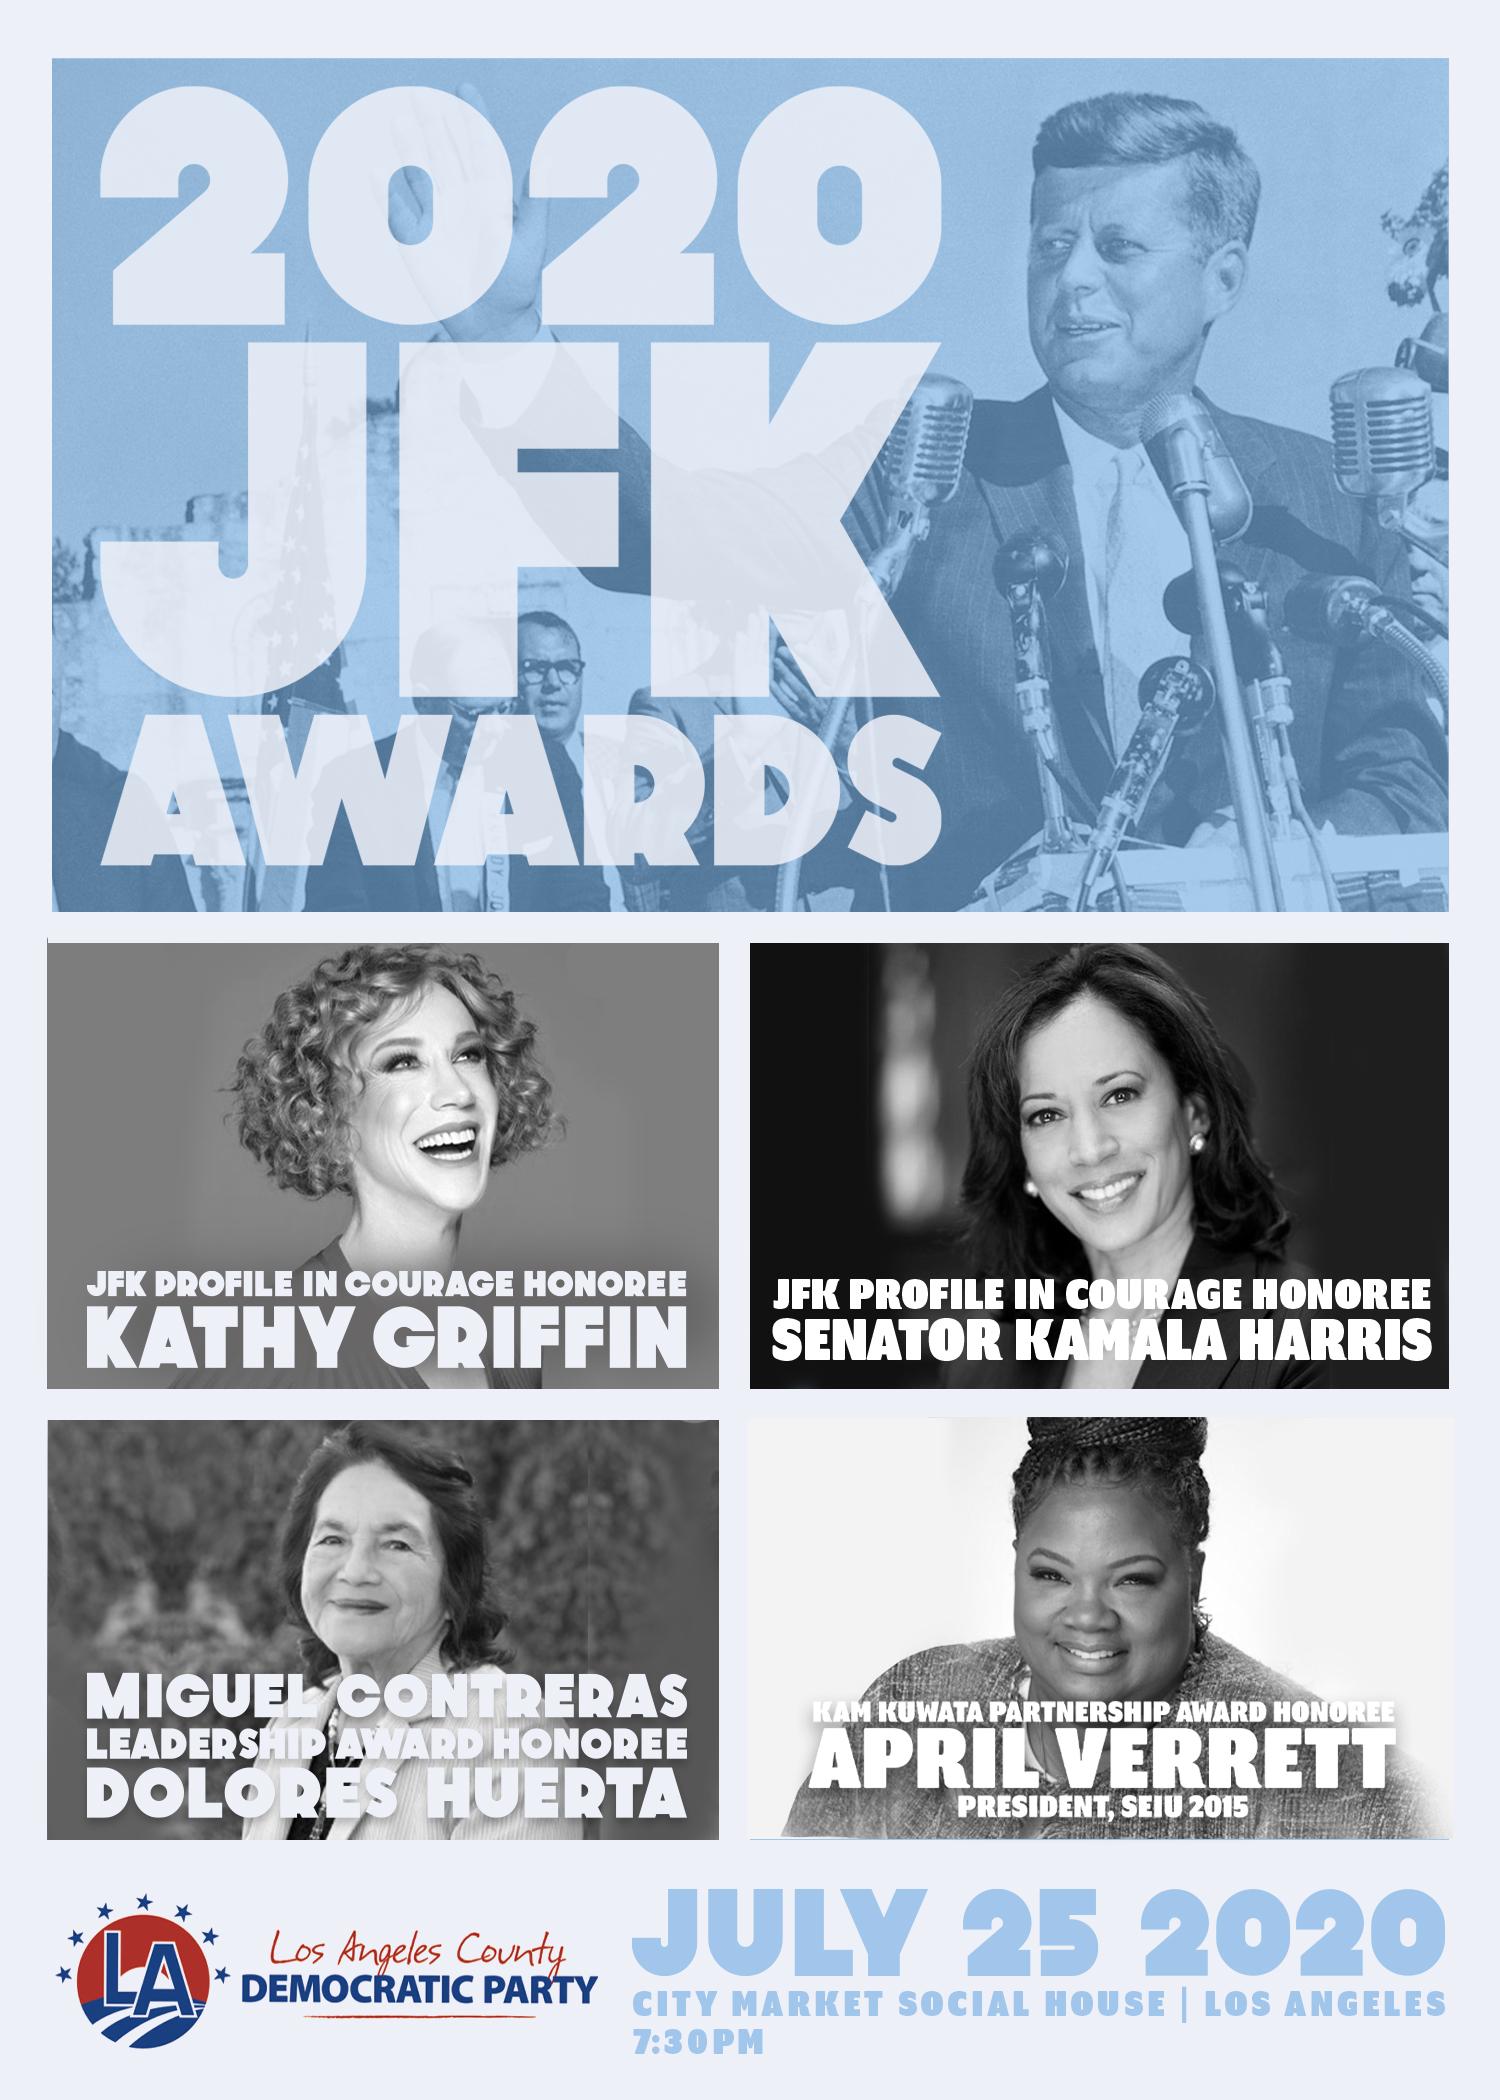 JFK_AWARDS-invitation.jpg